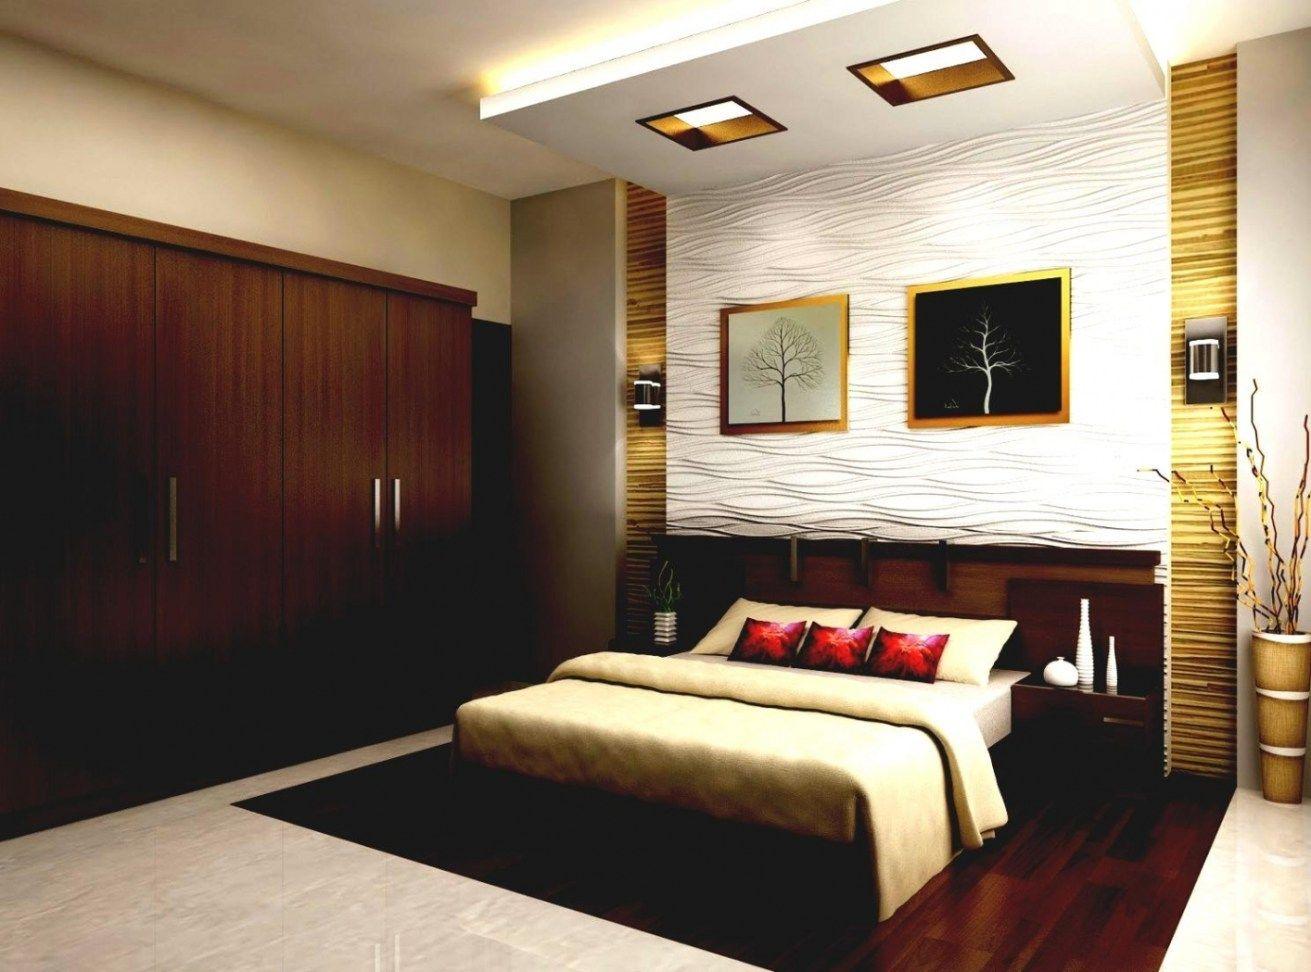 Classic Hall Designs: 20+ Awesome Ideas / FresHOUZ.com ...